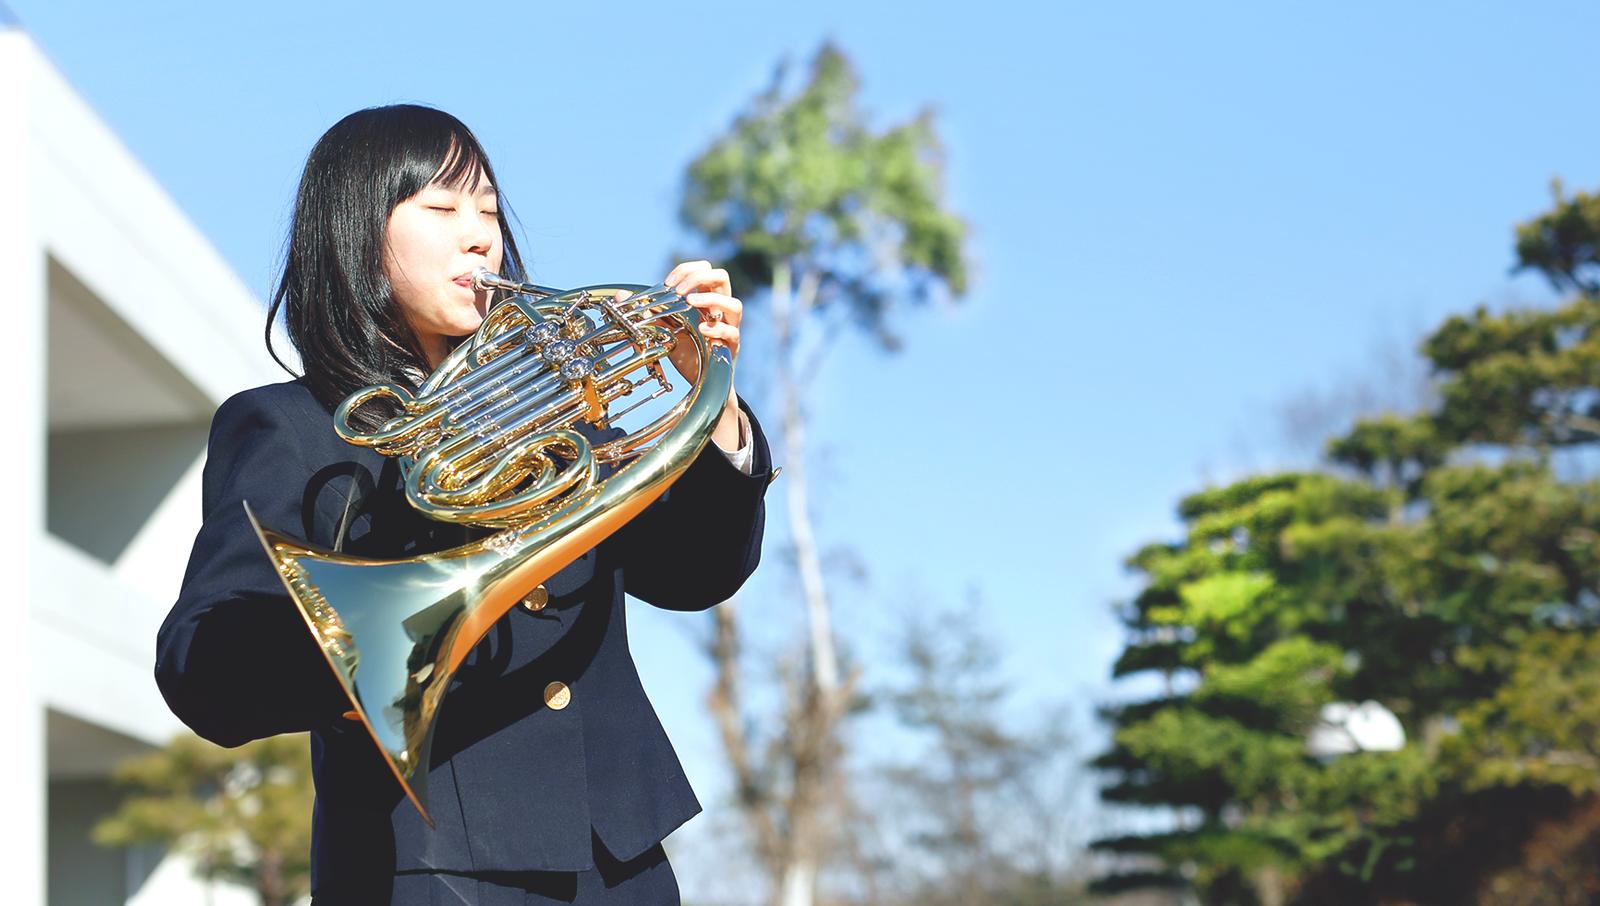 武蔵野 音楽 大学 付属 高校